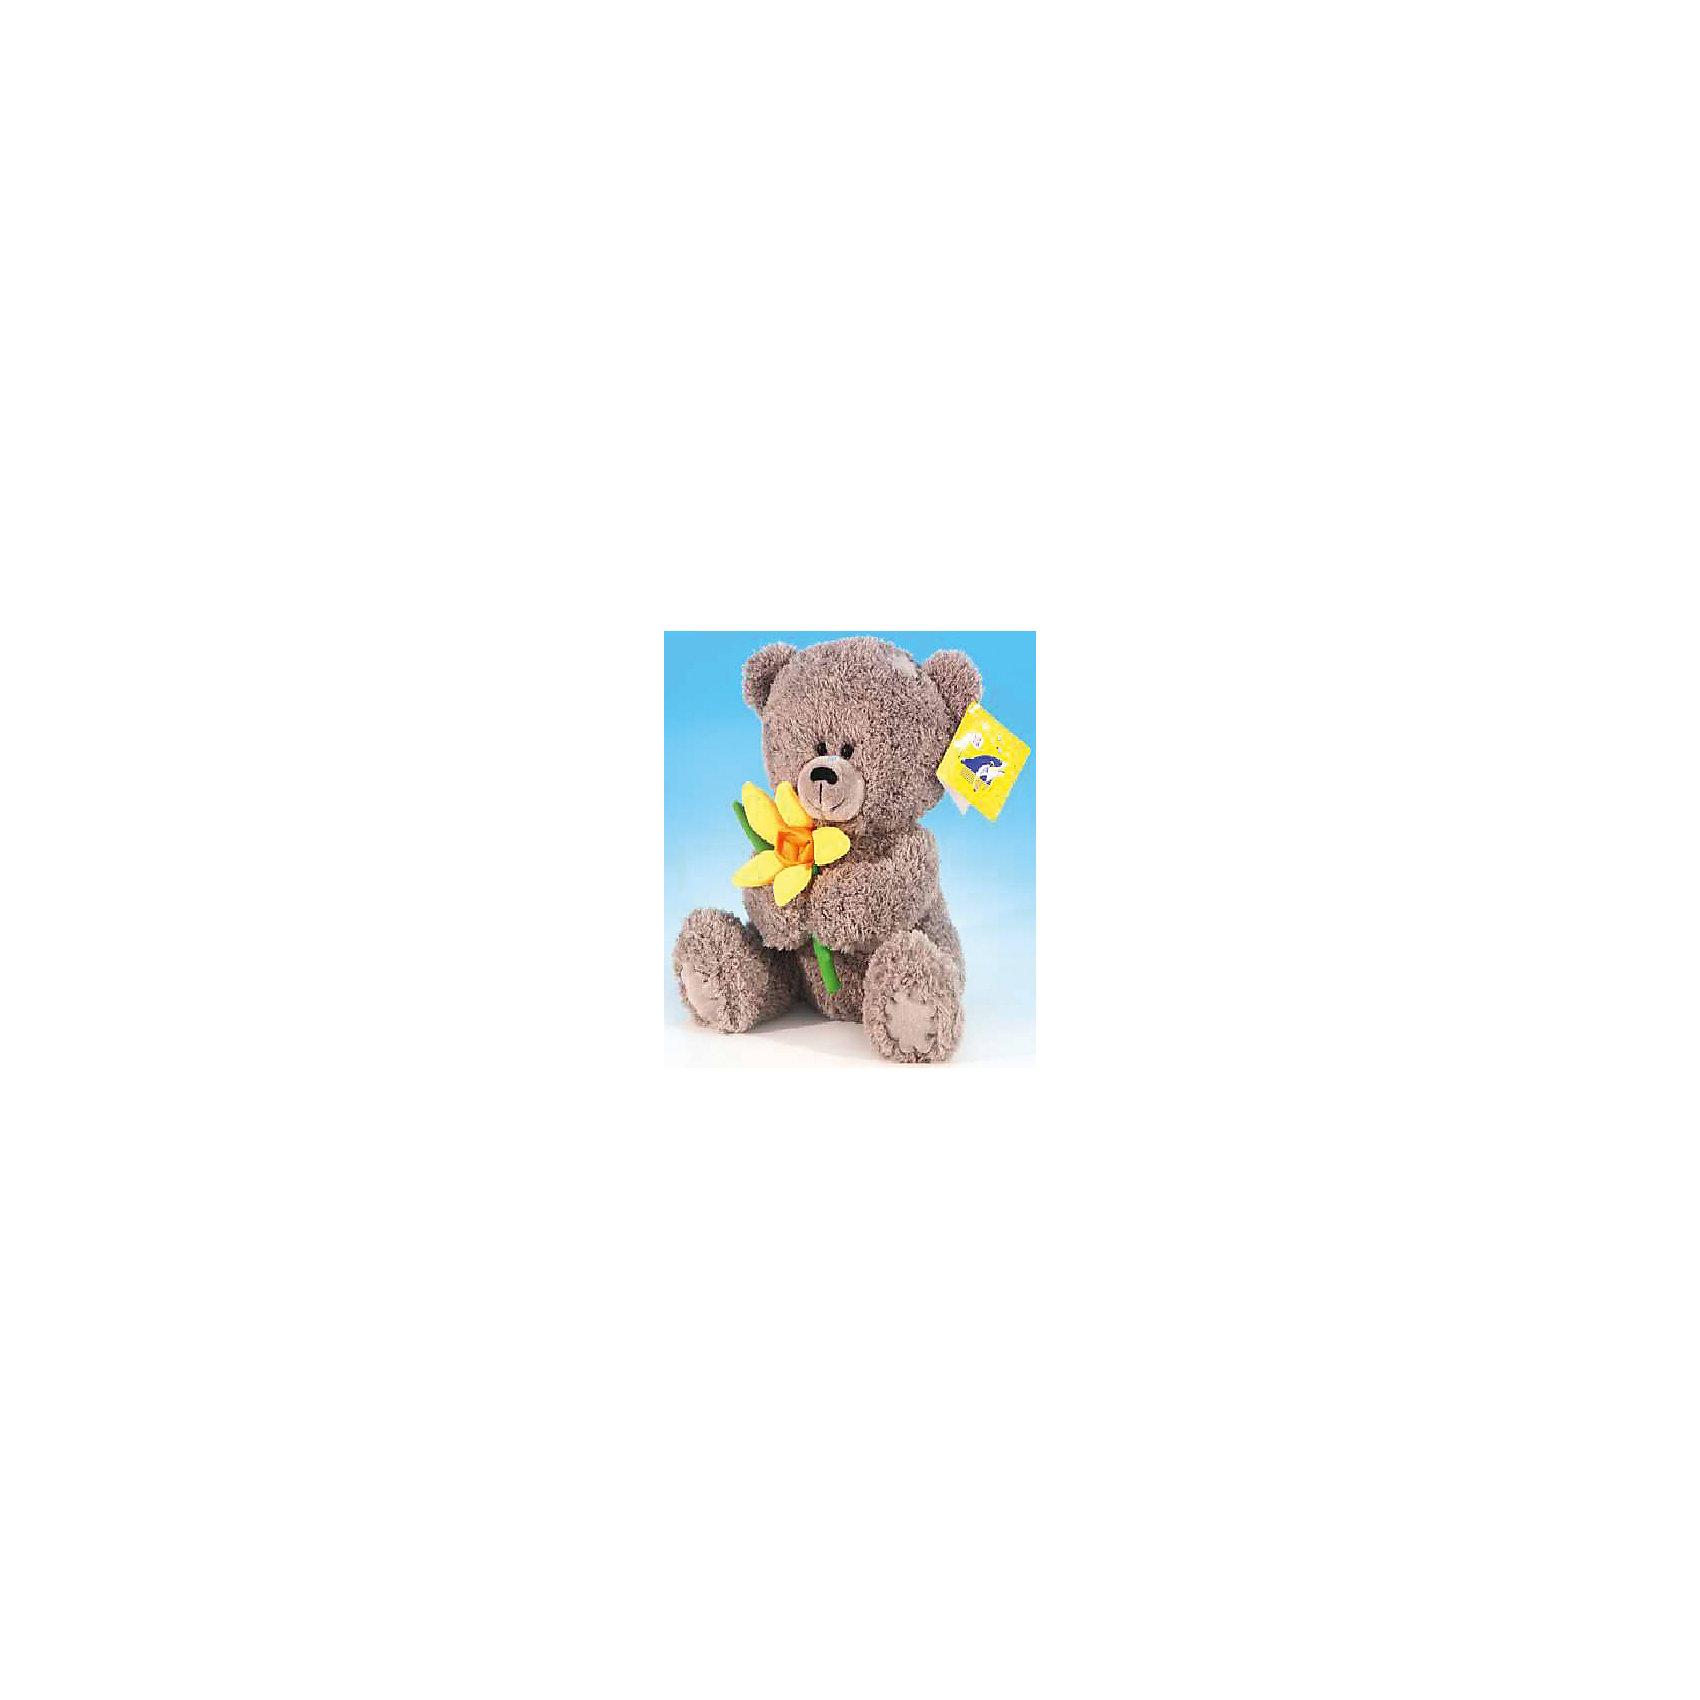 Медвежонок с нарциссом, музыкальный, 20см., LAVAЭтот очаровательный мишка не оставит равнодушным ни одного ребенка! Милый медведь очень мягкий и приятный на ощупь, он умеет петь песенку и обязательно поднимет настроение малышам! Мишка изготовлен из высококачественных экологичных материалов. <br><br>Дополнительная информация:<br><br>- Материал: искусственный мех, текстиль, синтепон, пластик.<br>- Высота: 20 см. <br>- Поет песенку <br>- Элемент питания: батарейка (в комплекте).<br><br>Медвежонка с нарциссом, музыкального, 20 см., LAVA (ЛАВА) можно купить в нашем магазине.<br><br>Ширина мм: 150<br>Глубина мм: 150<br>Высота мм: 200<br>Вес г: 203<br>Возраст от месяцев: 36<br>Возраст до месяцев: 1188<br>Пол: Унисекс<br>Возраст: Детский<br>SKU: 4444158